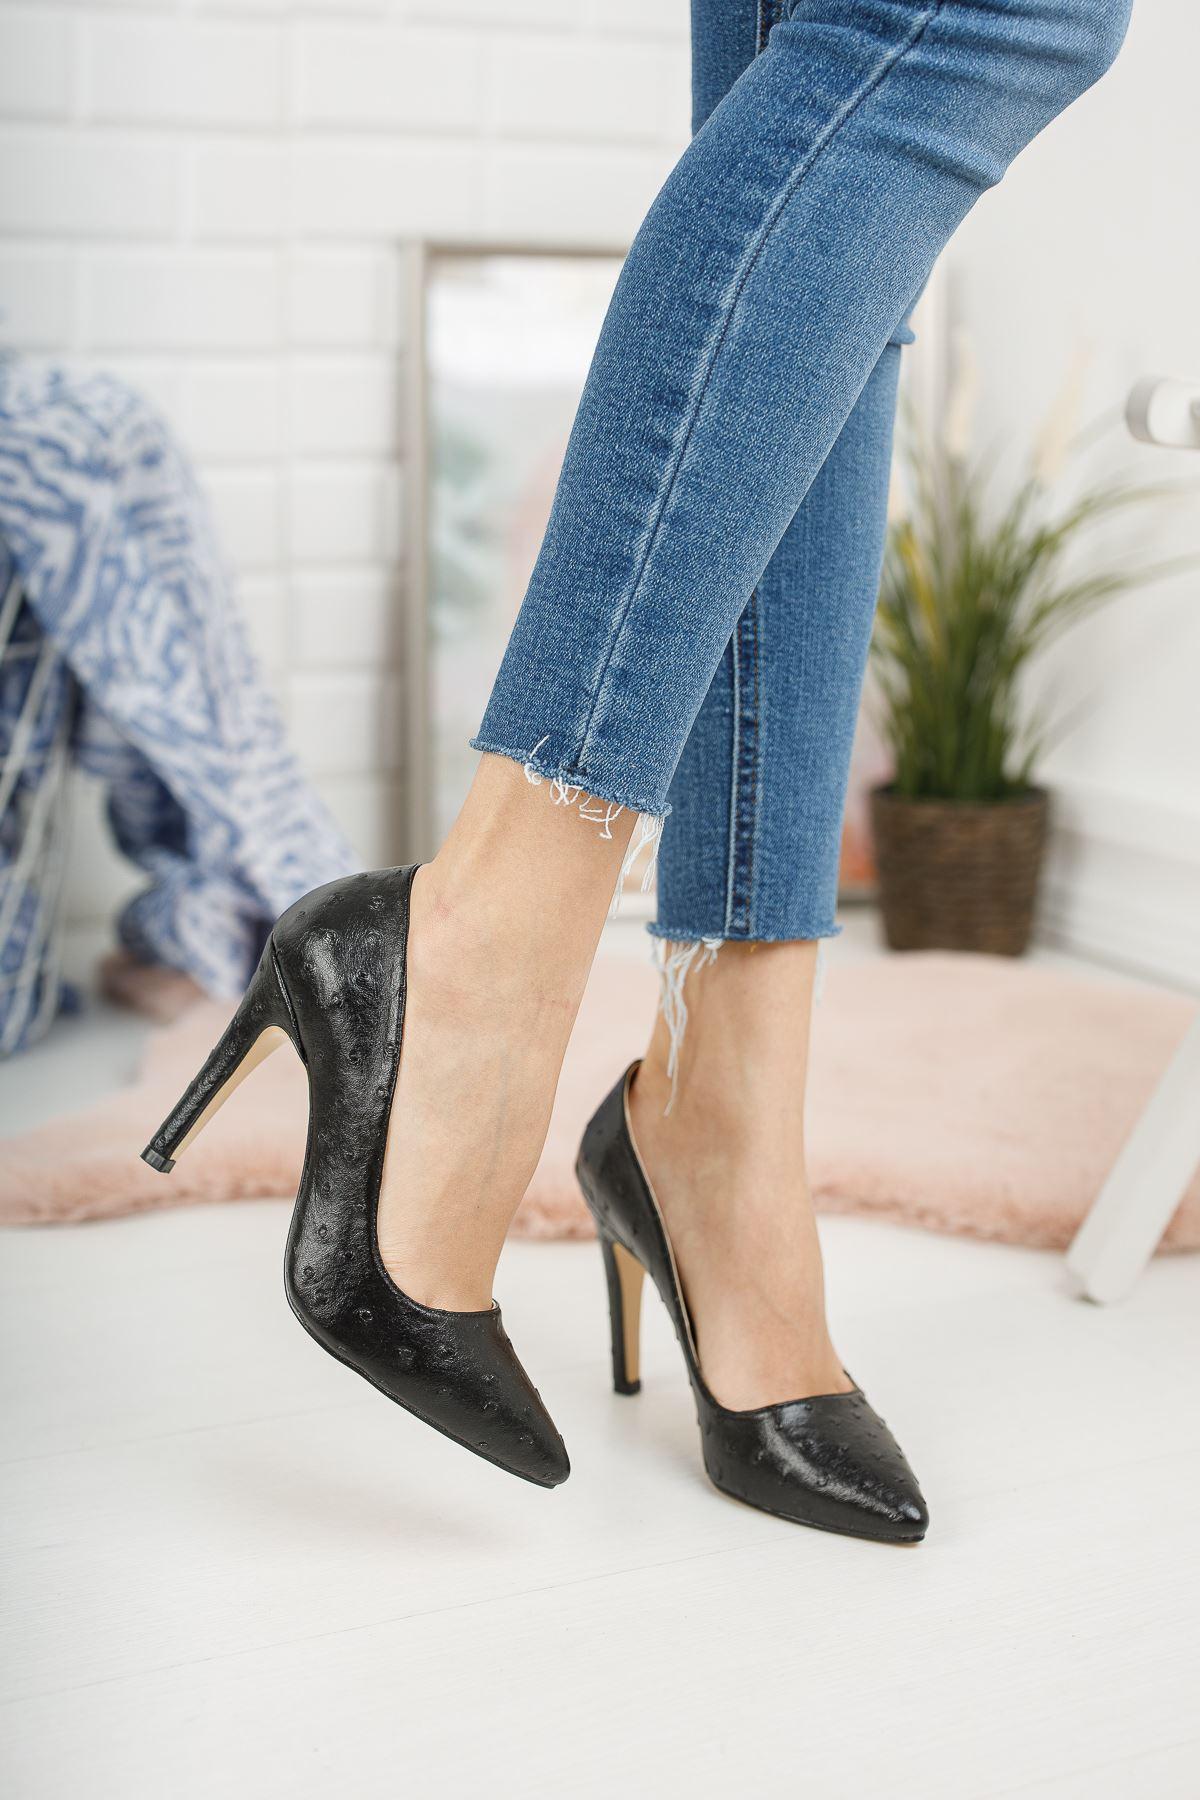 Siyah Kabartmalı İnce Yüksek Topuklu Stiletto